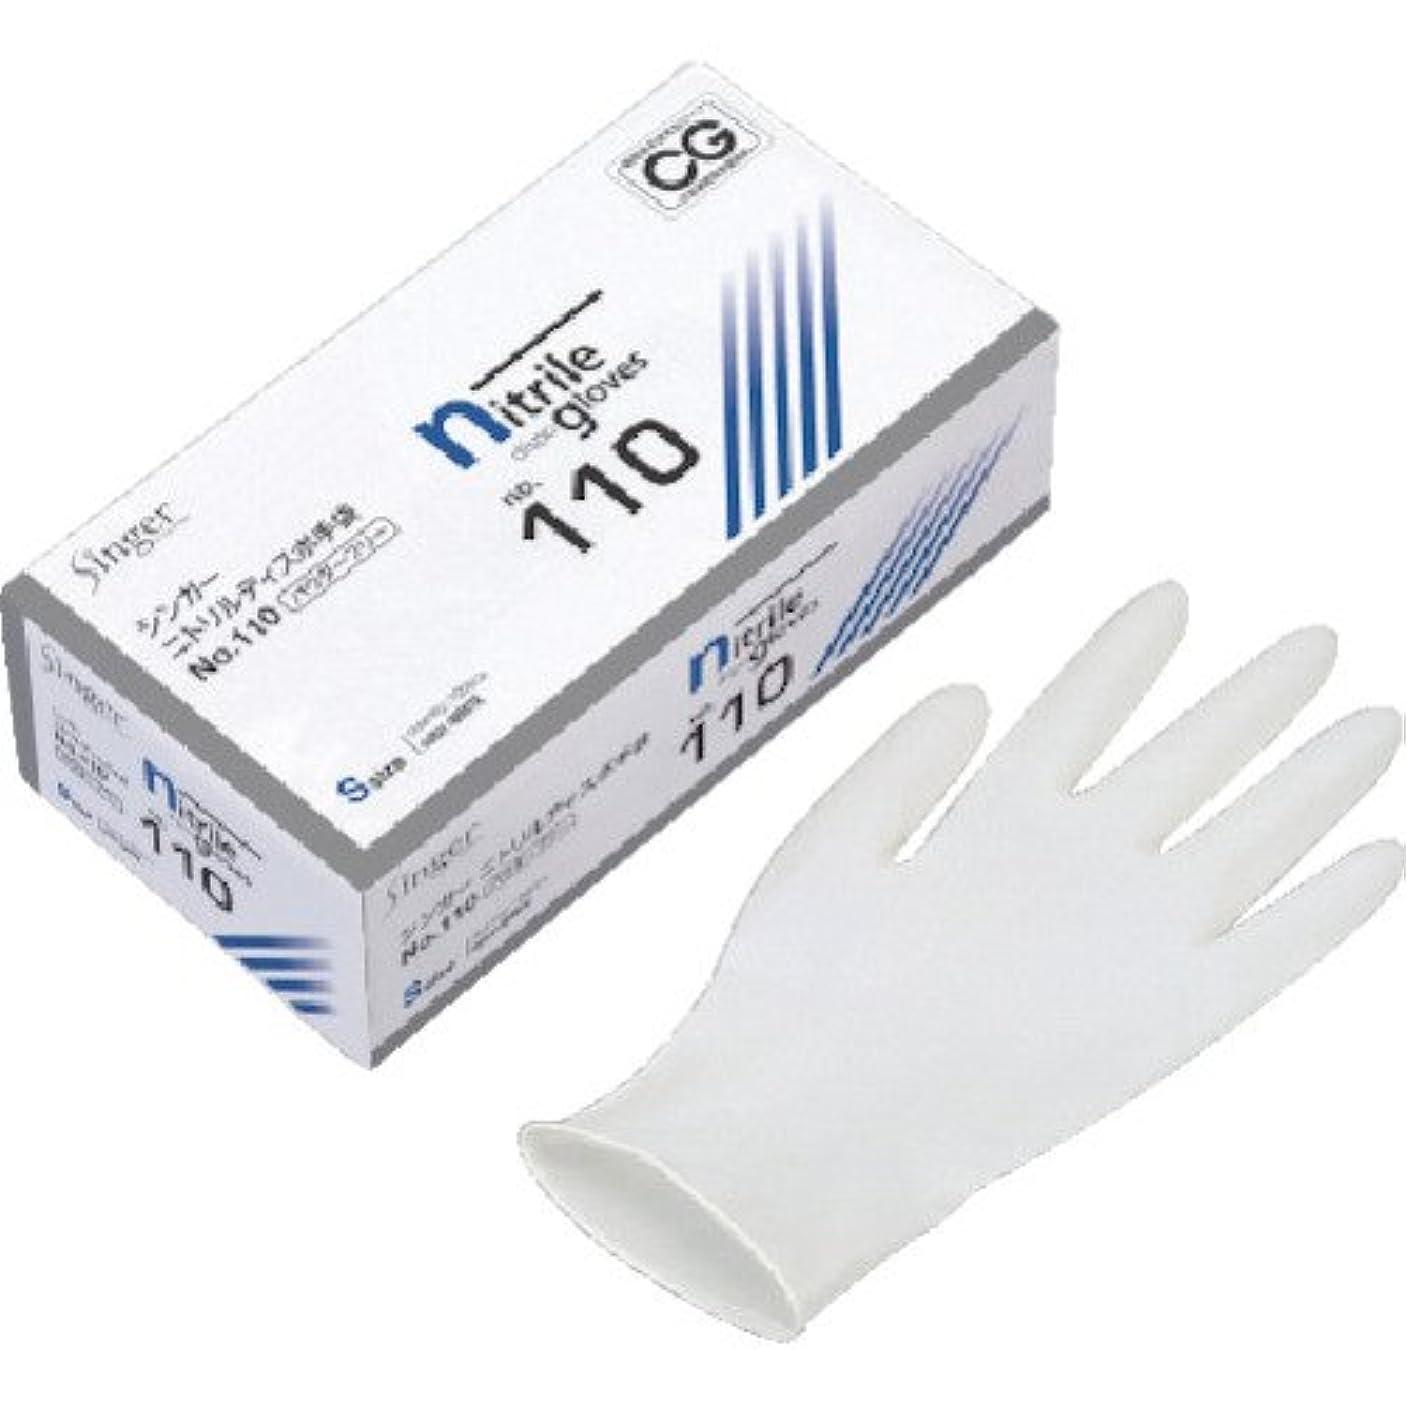 鰐普通にクローゼットシンガーニトリルディスポ手袋 No.110 ホワイト パウダーフリー(100枚) S